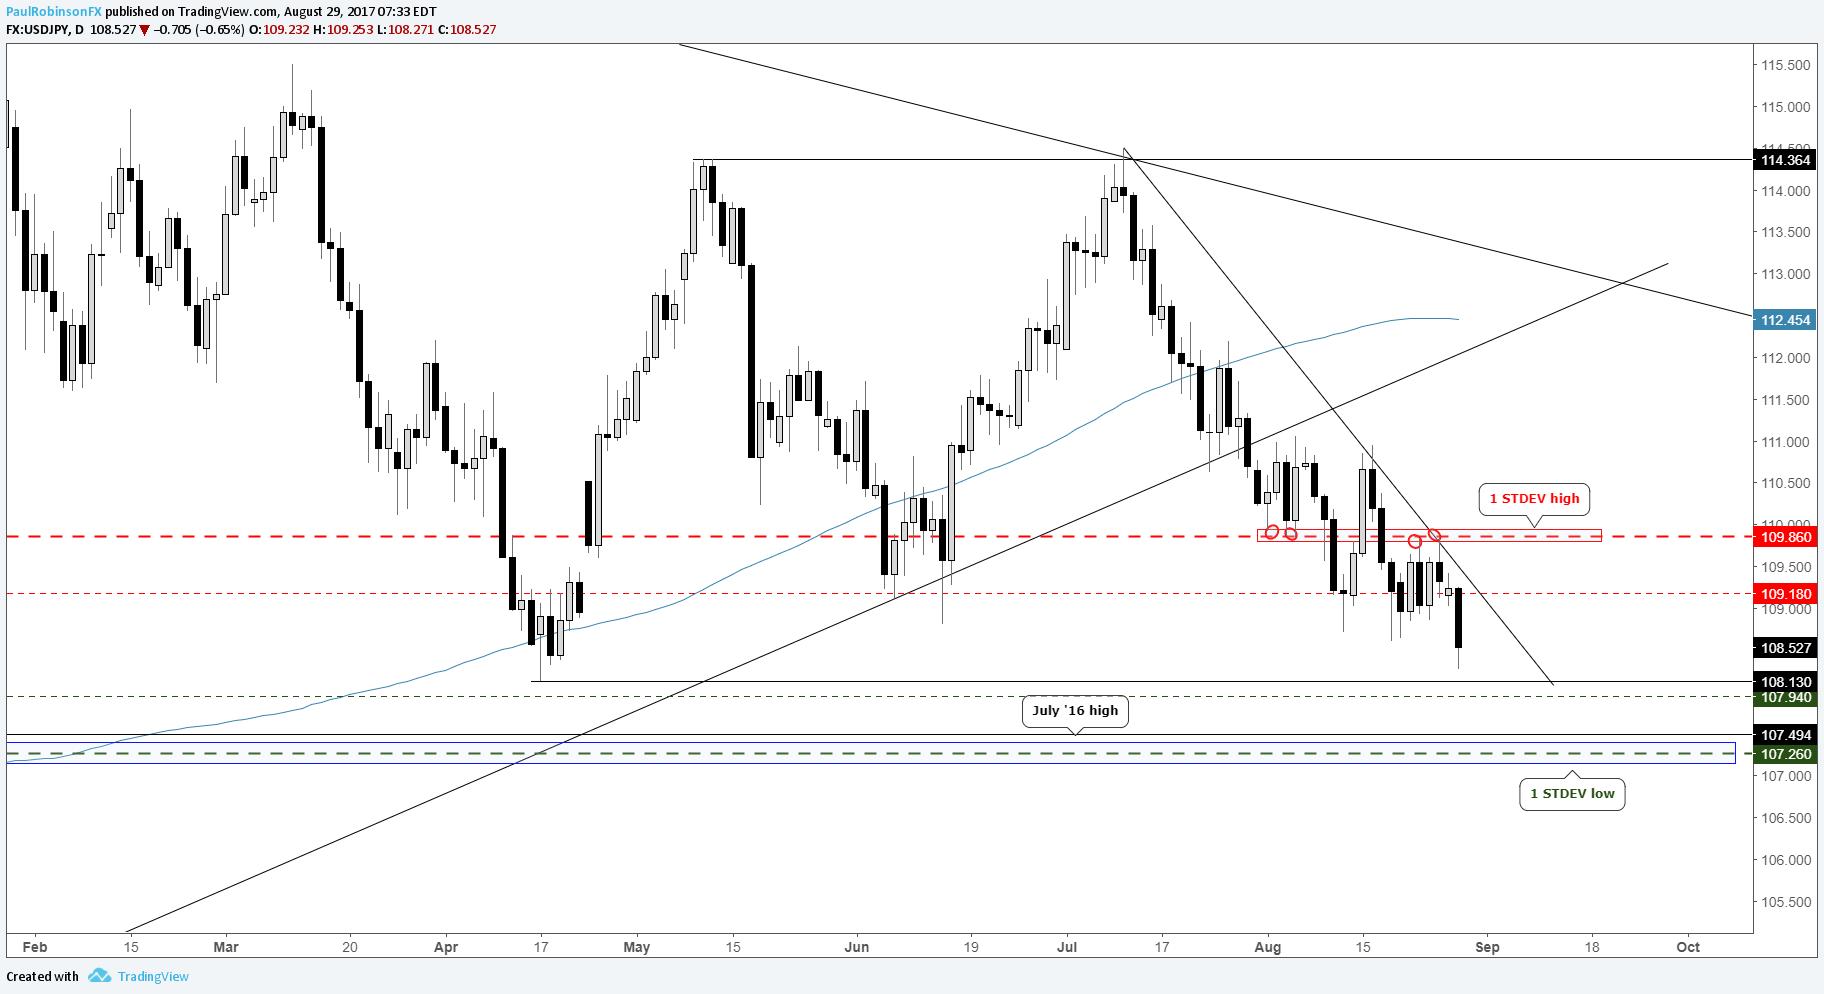 美元/日元:朝鲜威胁引发期权隐含波动率跳涨,日元仍存后续动能